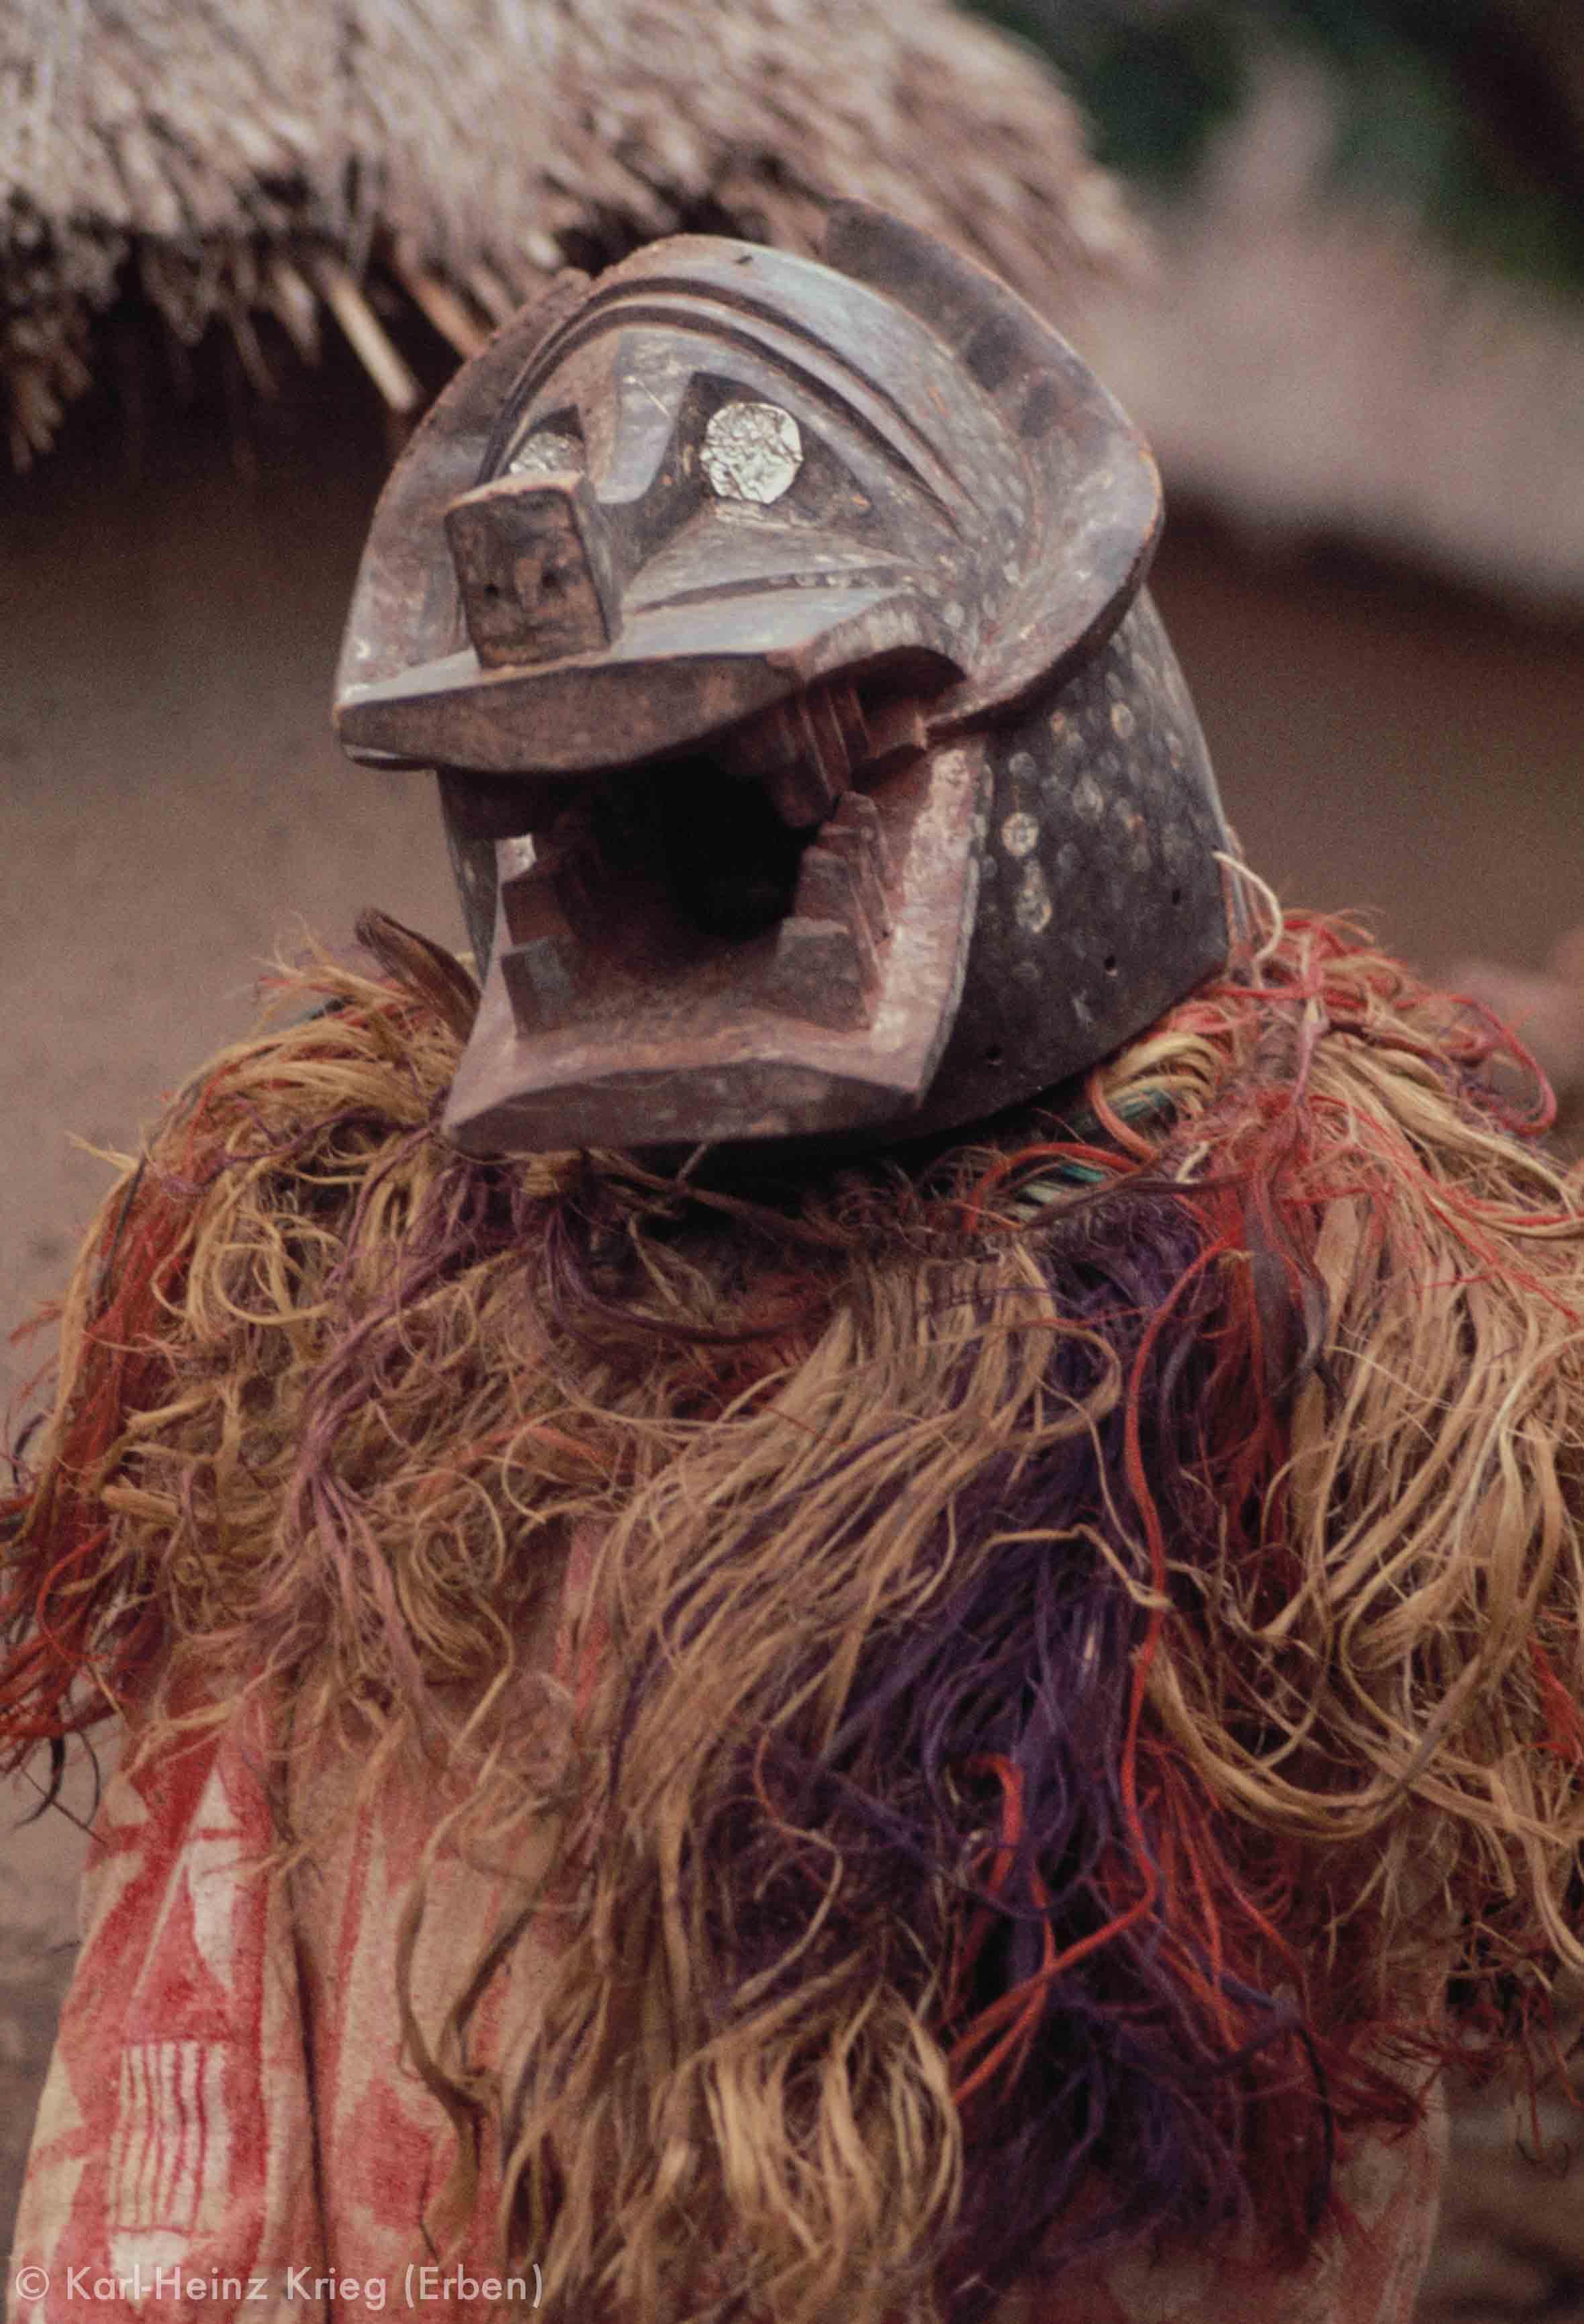 Kpa -Maske, die eine Hyäne darstellt (laut Karna Sorho geschnitzt von Miemmouhou Ouattara aus Kiéré). In der Gegend südlich von Boundiali waren vor allem bei den Numu Kpa-Gesellschaften verbreitet, die mit Helmmasken z.B. bei Beerdigungen auftraten. Foto: Karl-Heinz Krieg, Kiéré (Region von Boundiali, Côte d'Ivoire), 1977